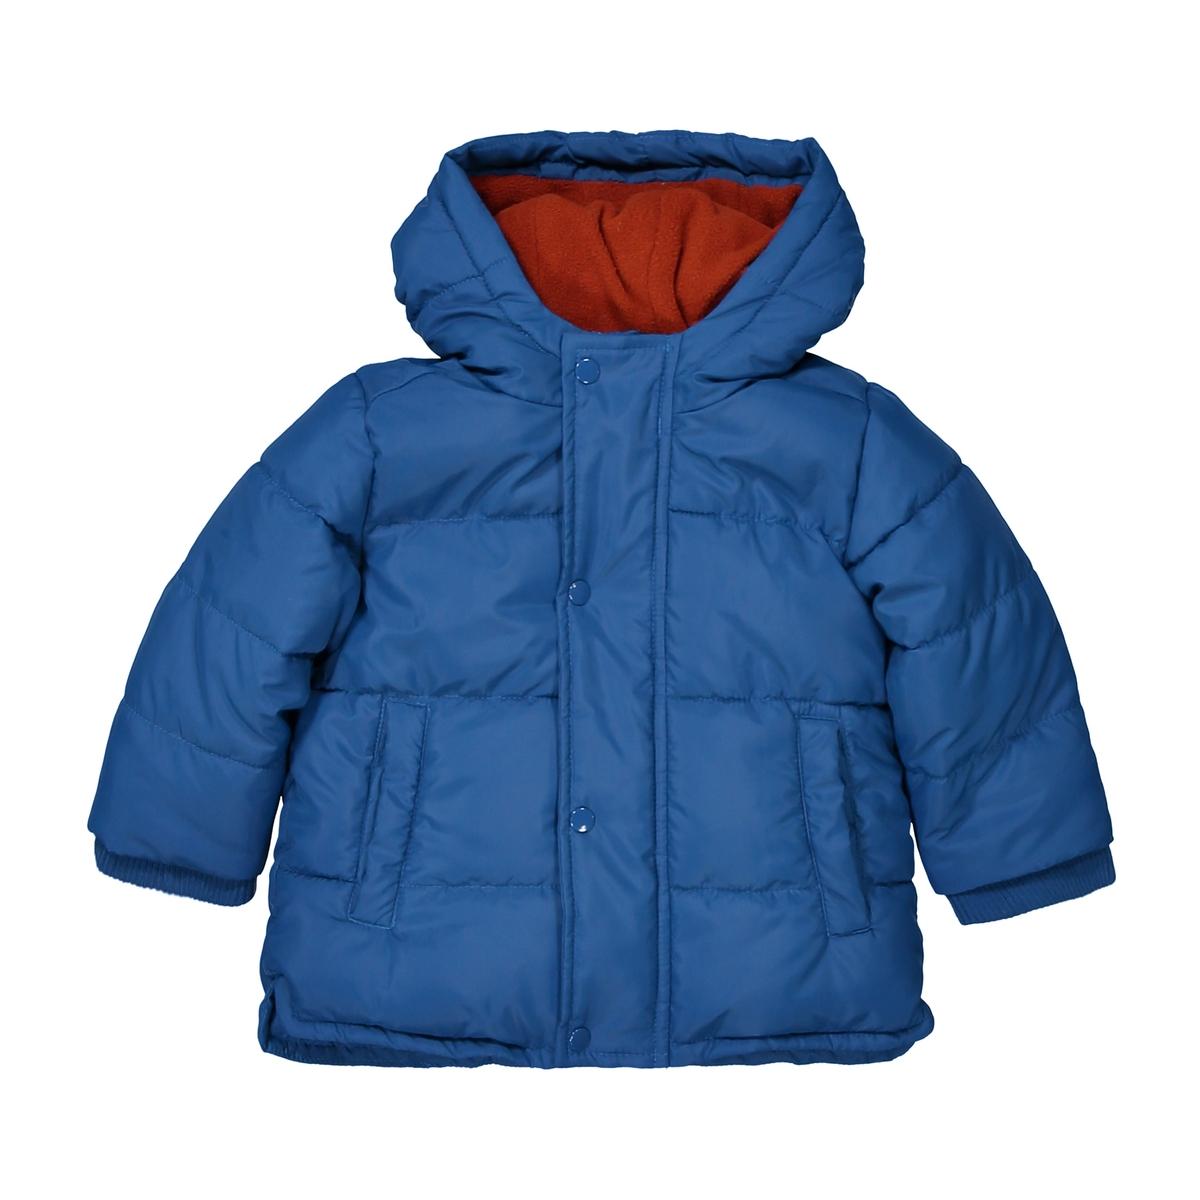 Куртка с капюшоном, 3 мес. - 3 года